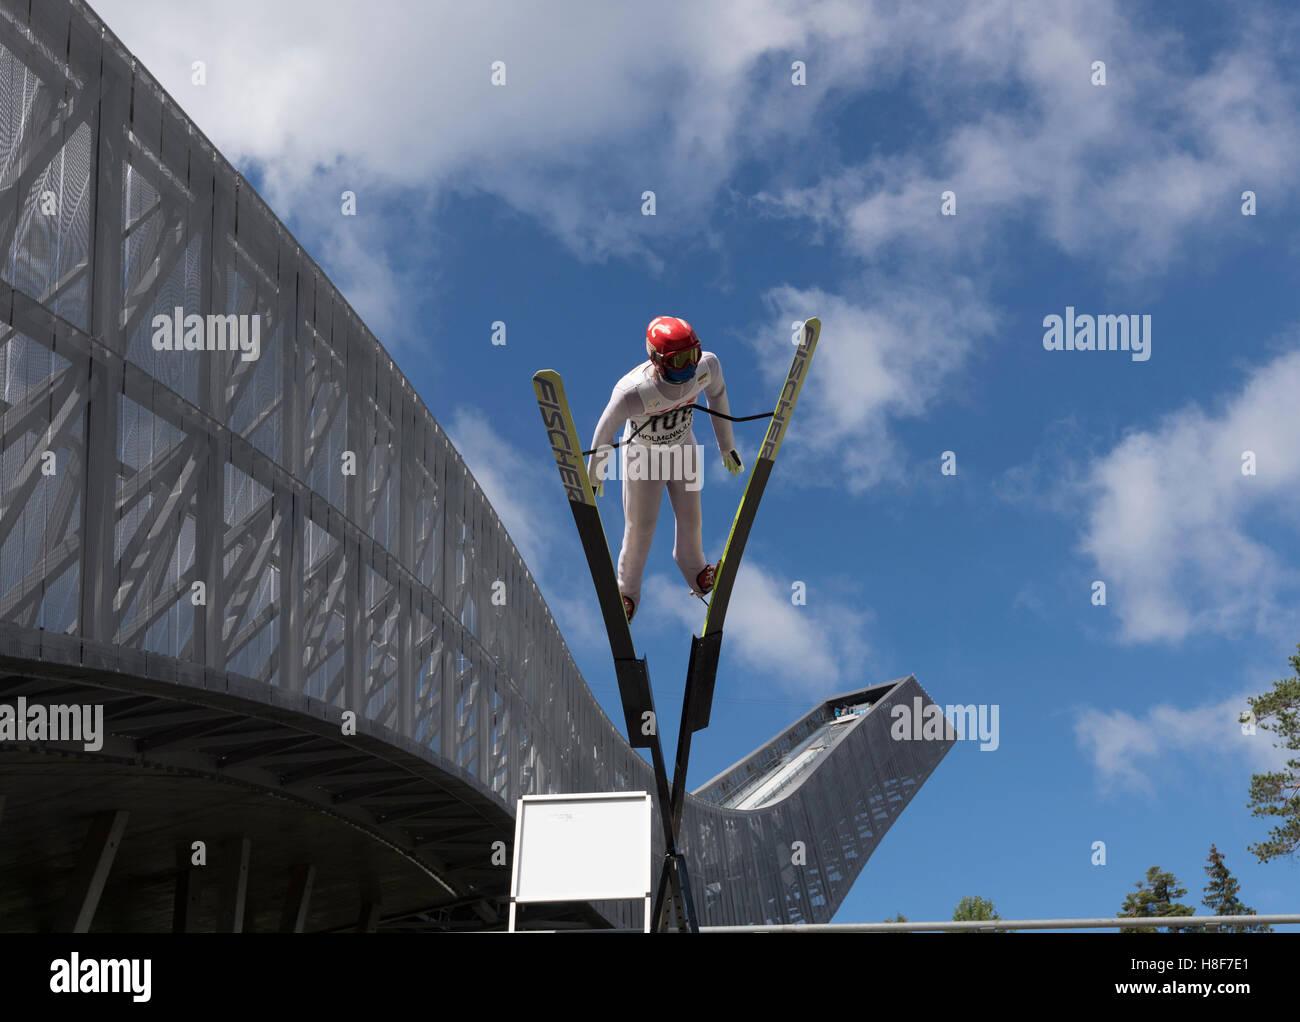 Puente de esquí Holmenkollen, en Oslo, Noruega Imagen De Stock